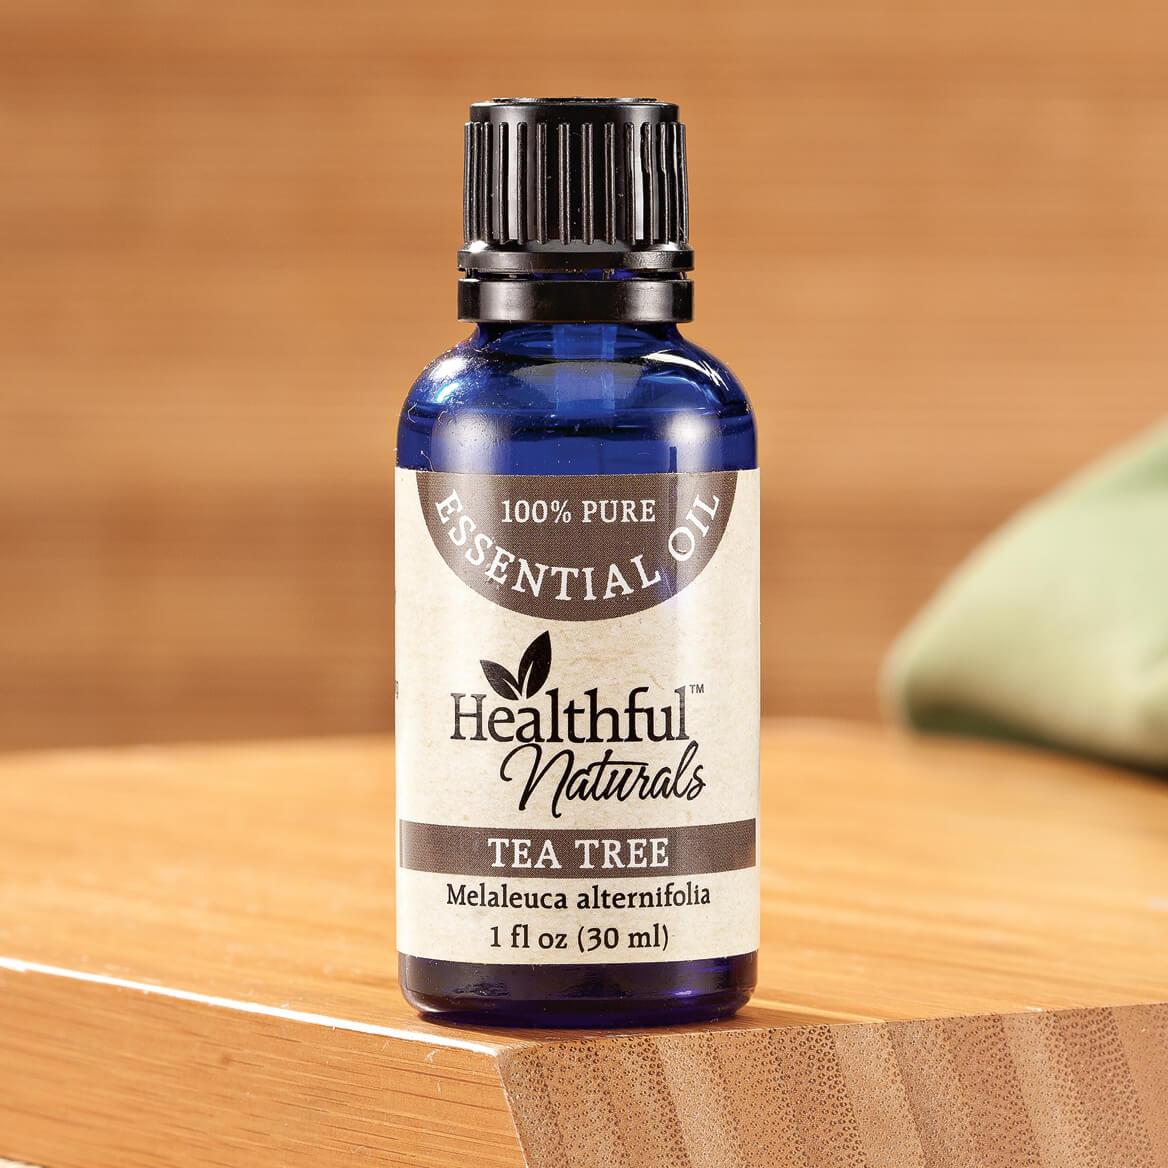 Healthful™ Naturals Tea Tree Essential Oil - 30 ml-353457